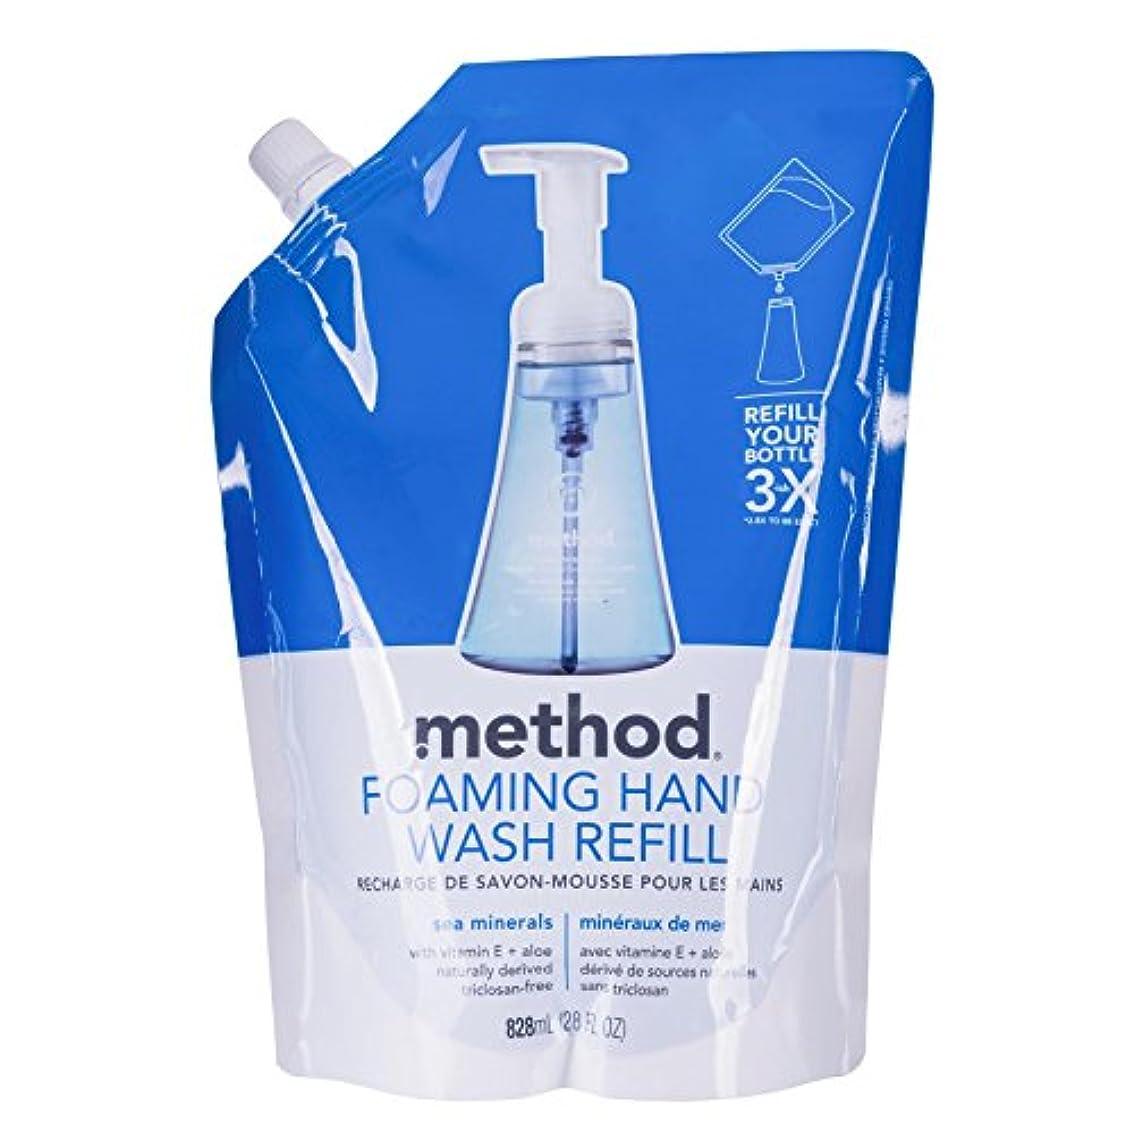 隠された部屋を掃除するあいさつmethod(メソッド) ハンドソープ フォーミングタイプ リフィル シーミネラルズ 828ml